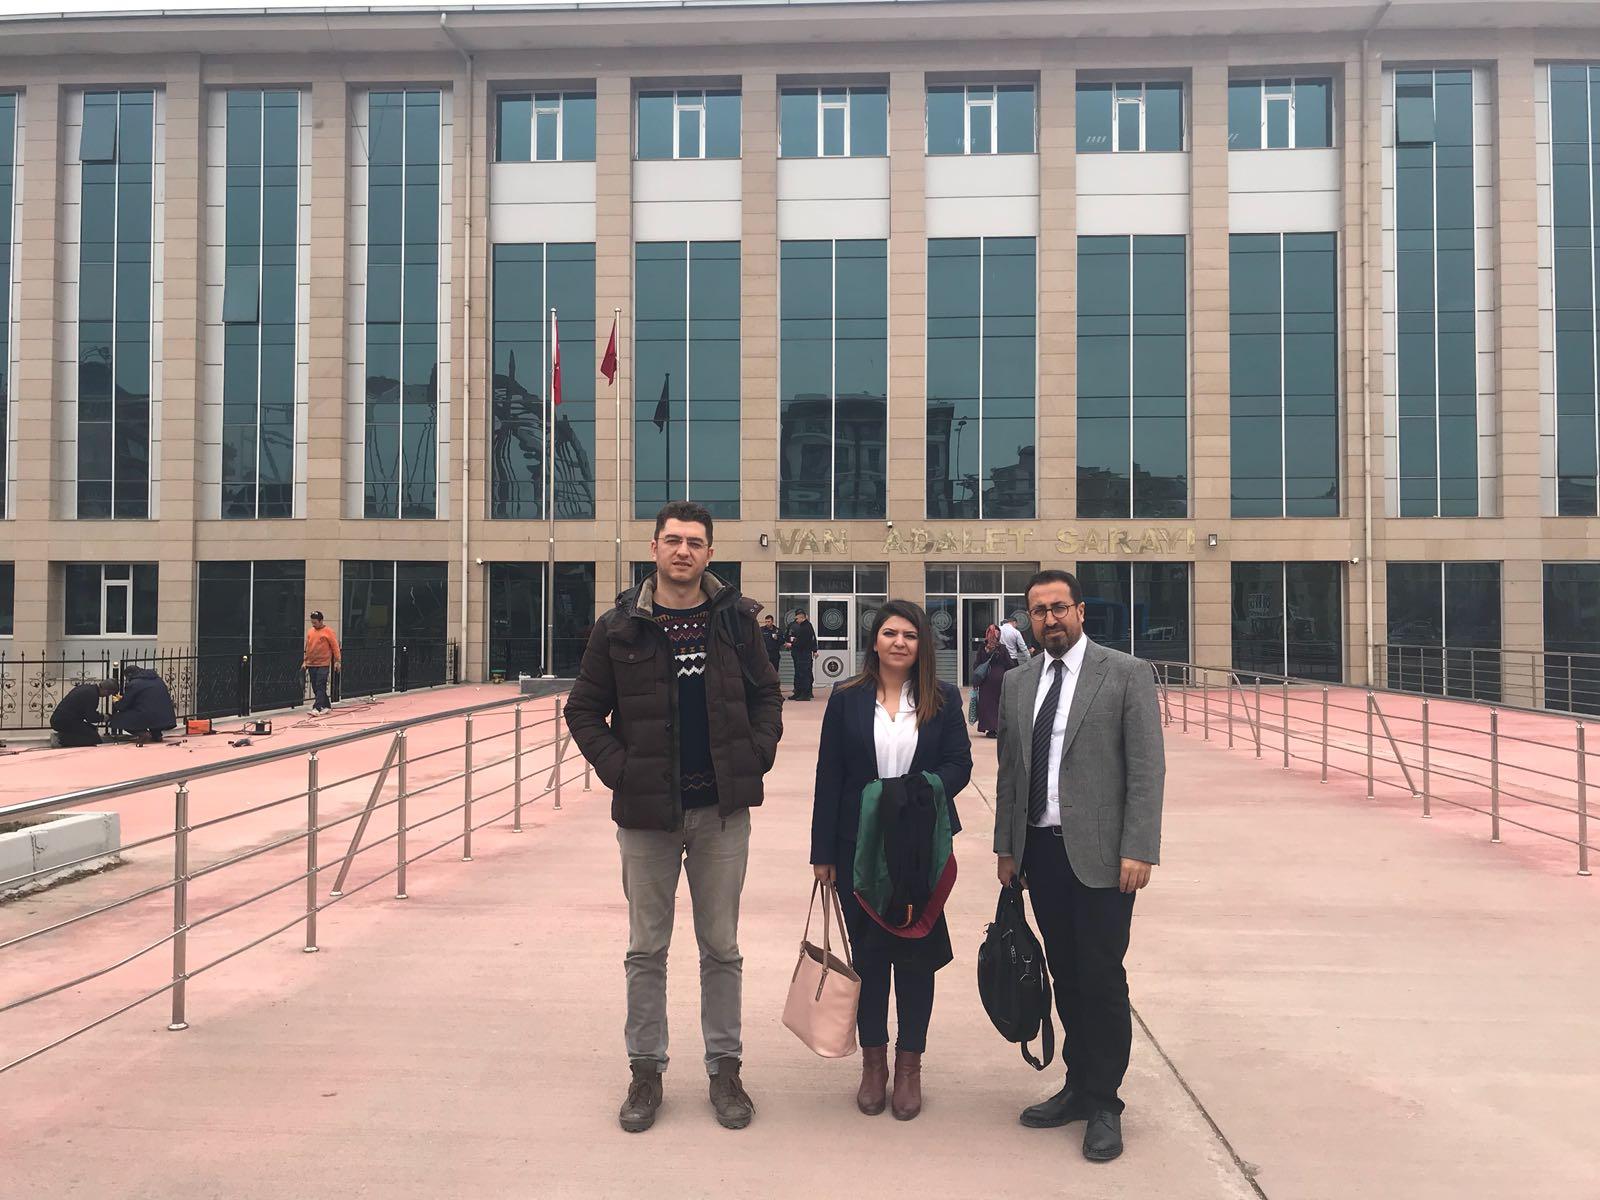 Çocuk Hakları Merkezimiz Afgan mülteci Lütfillah Tacik'in davası için Van'daydı.